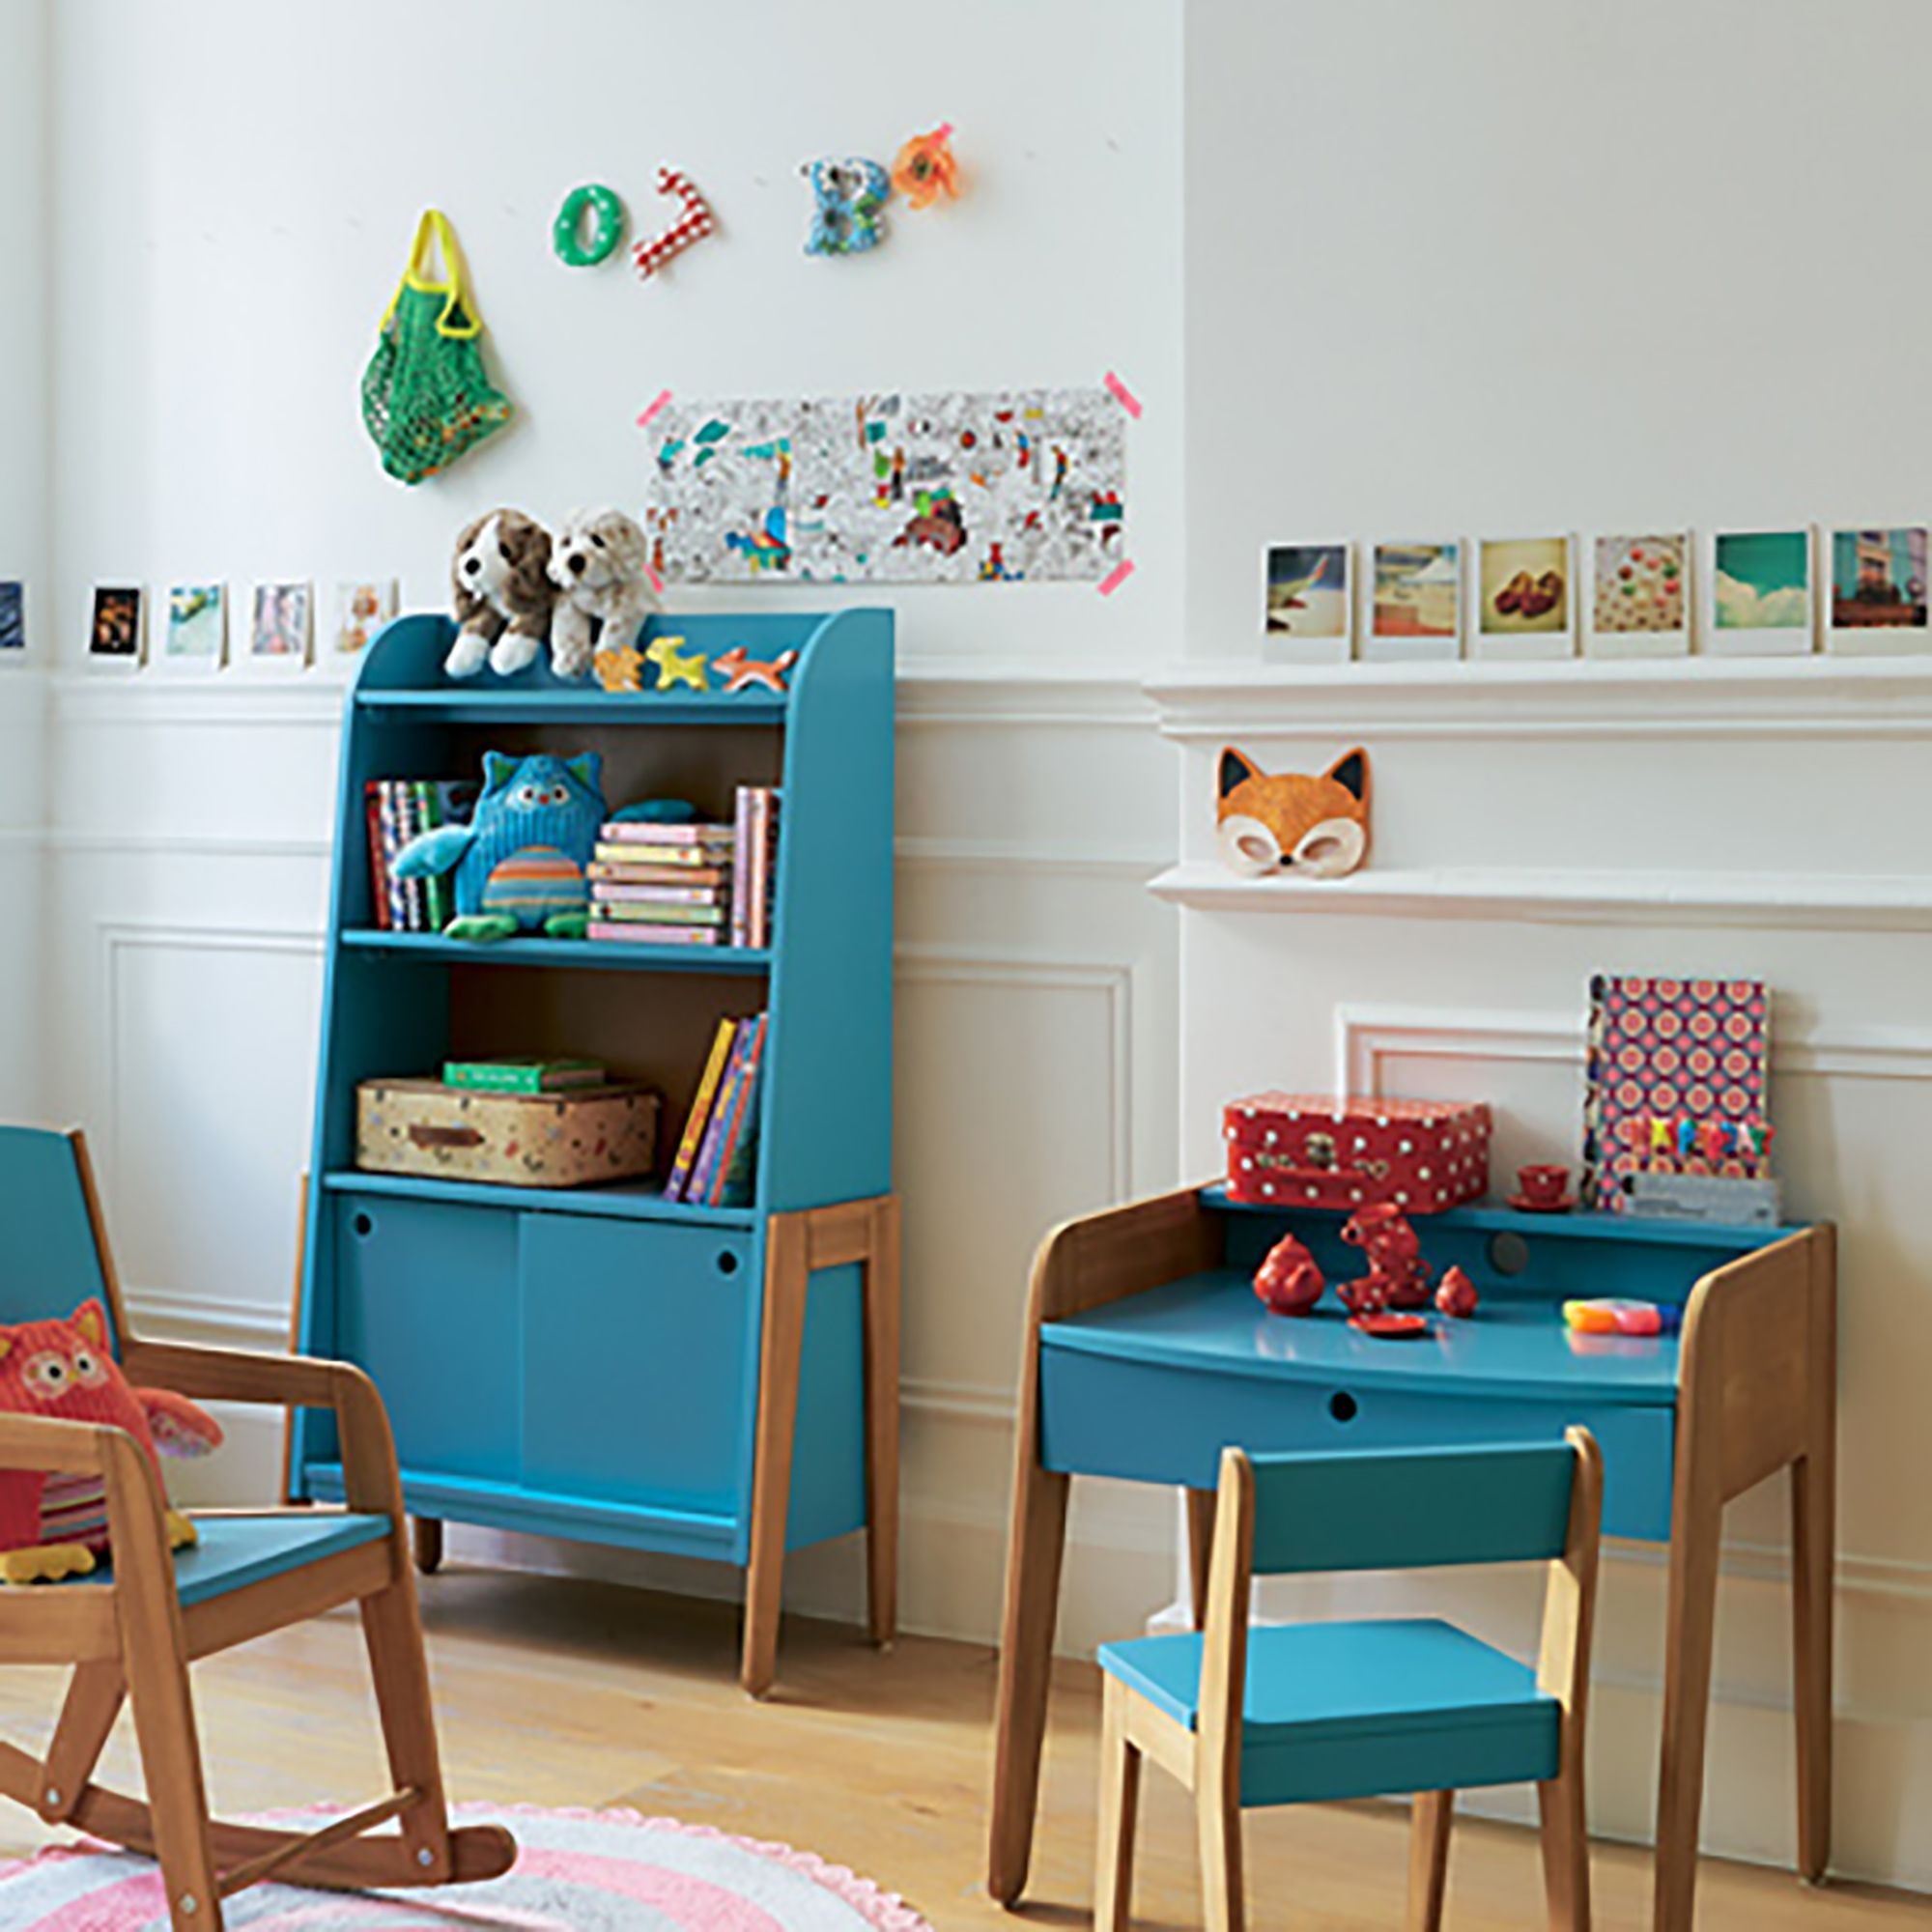 bibliotheque vintage bleue pour enfant vintage etageres de chambre d enfants meubles inspiration